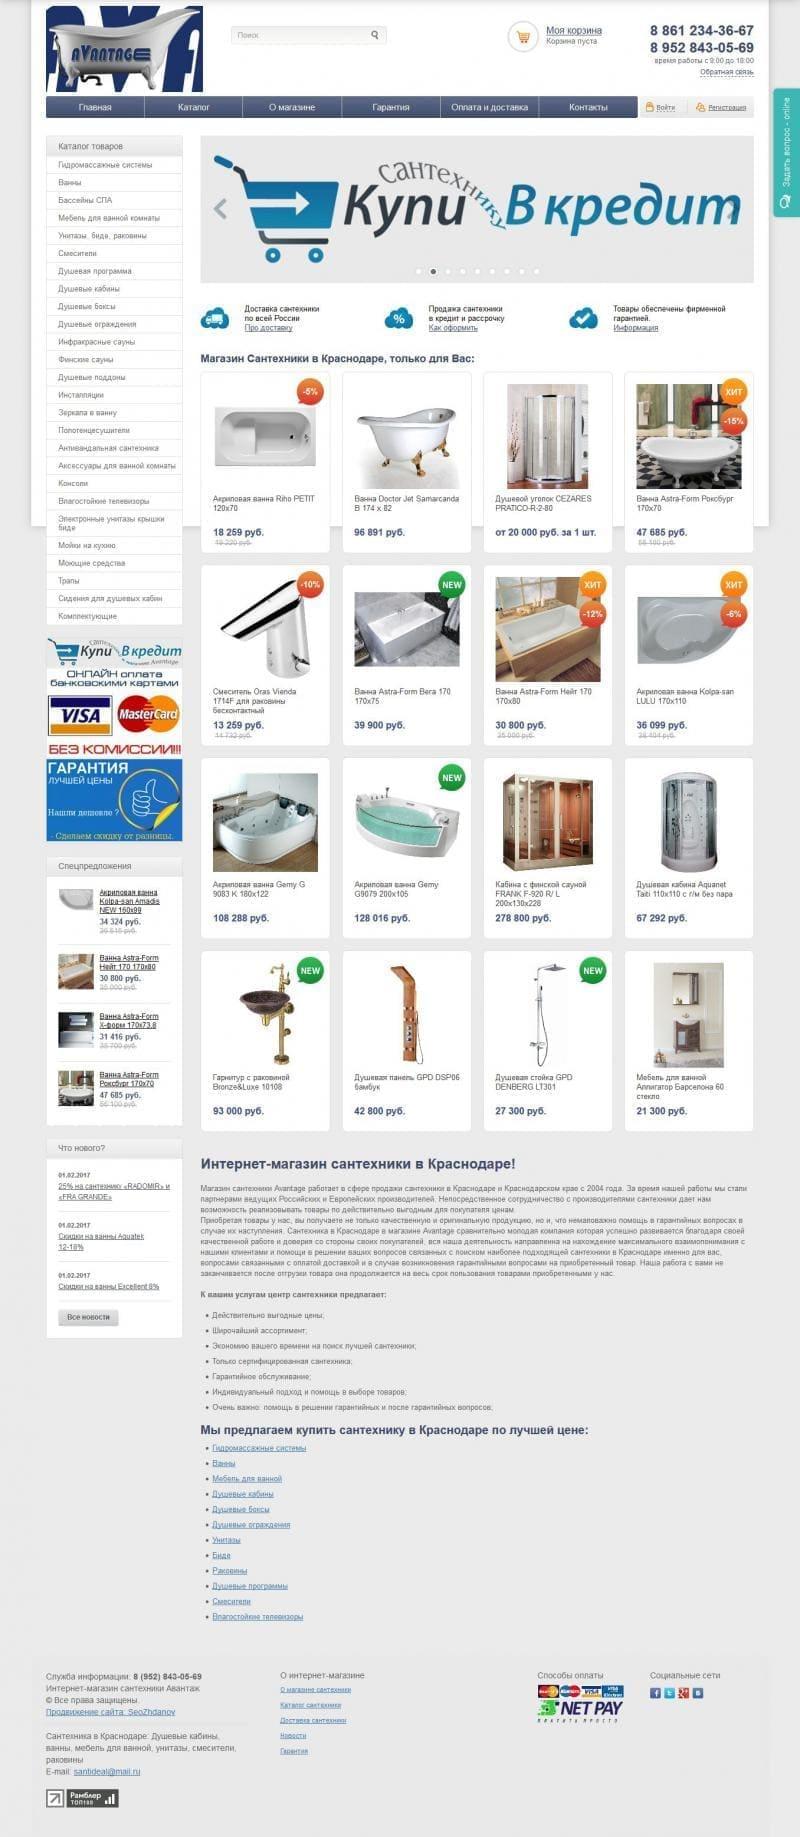 Онлайн раскрутка и продвижение сайта в интернет раскрутка сайтов rambler бесплатно